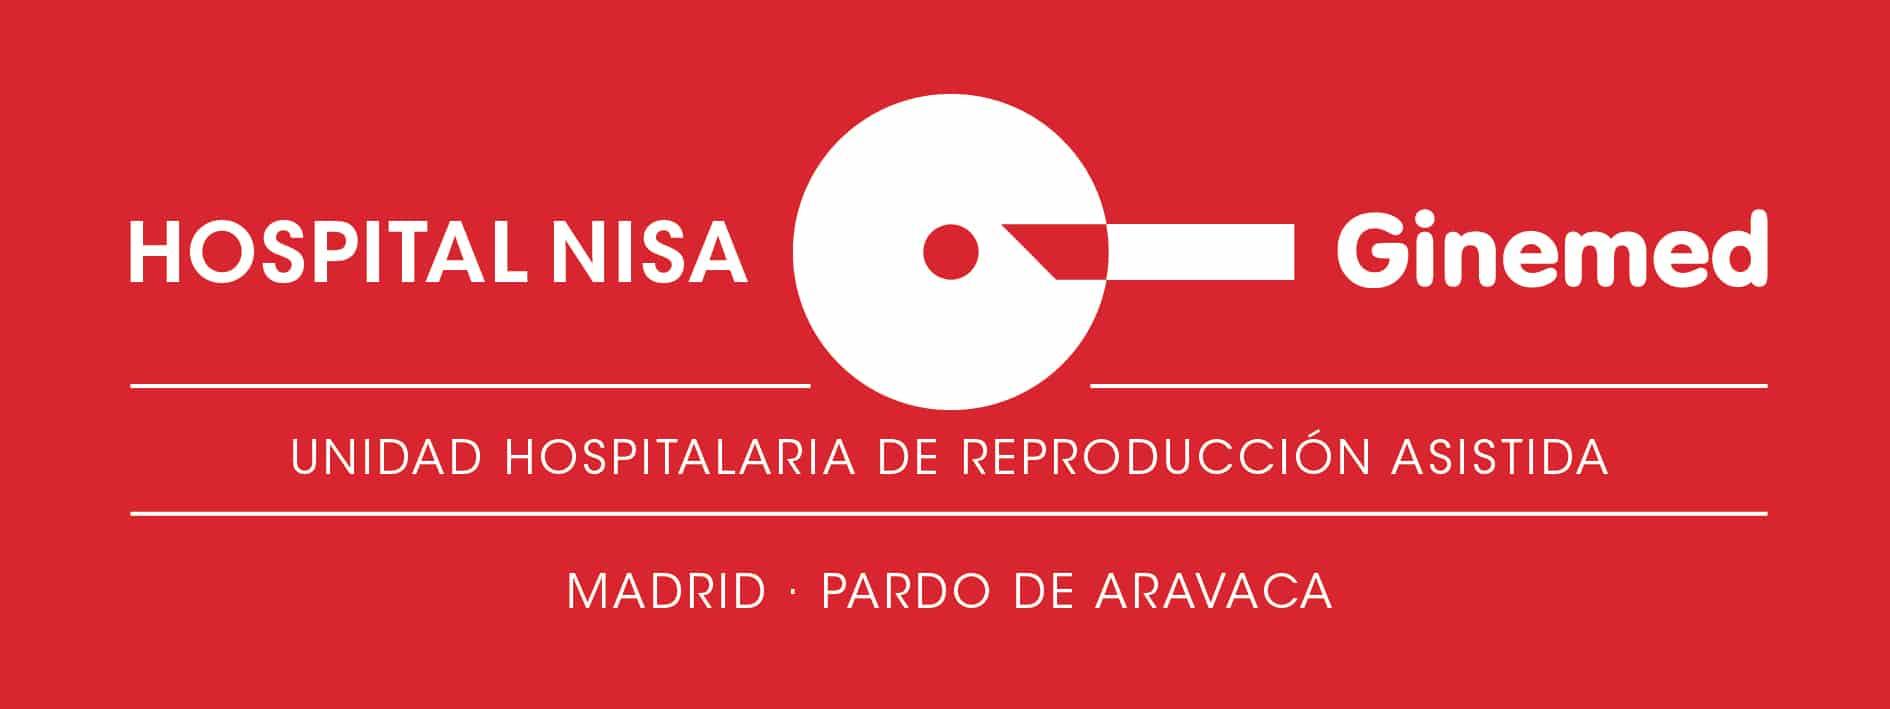 Logotipo Hospital Costa de la Luz Ginemed. Unidad hospitalaria de reproducción asistida